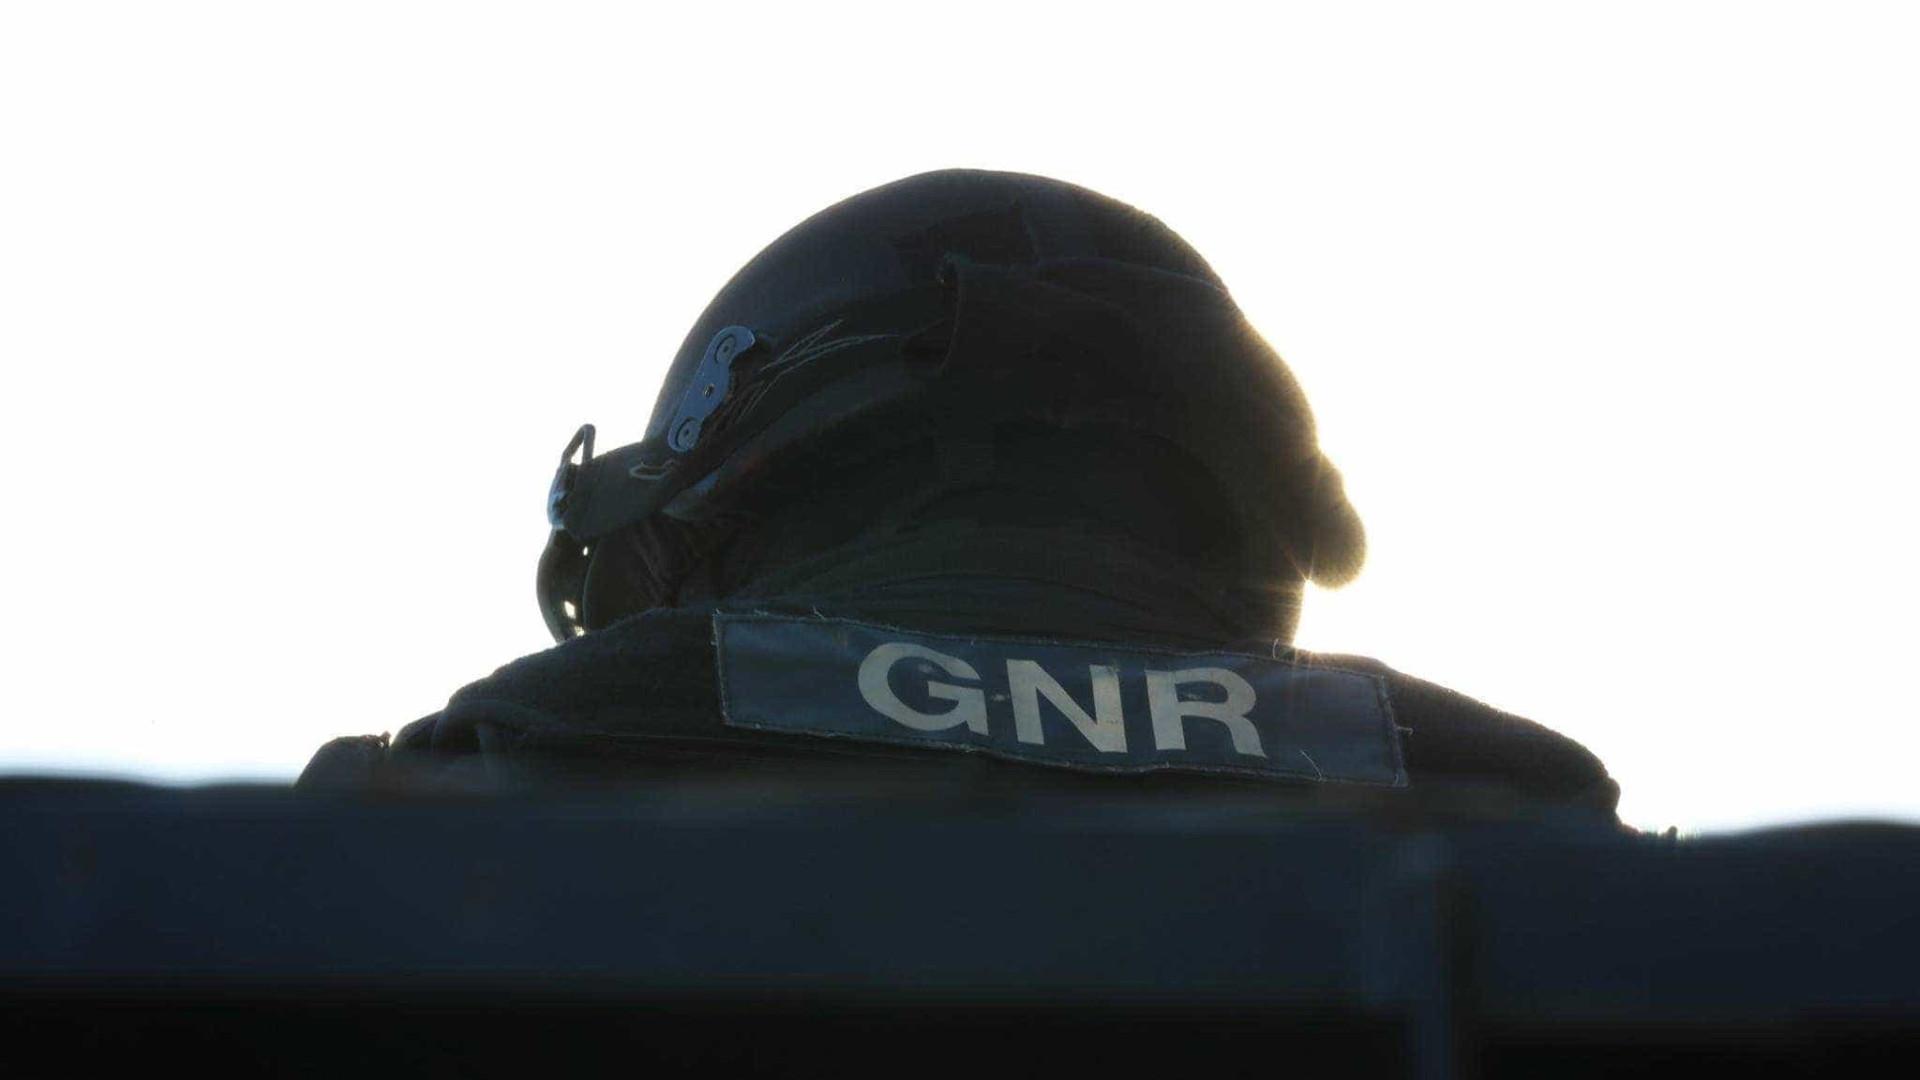 GNR dá por terminada situação de homem barricado em casa